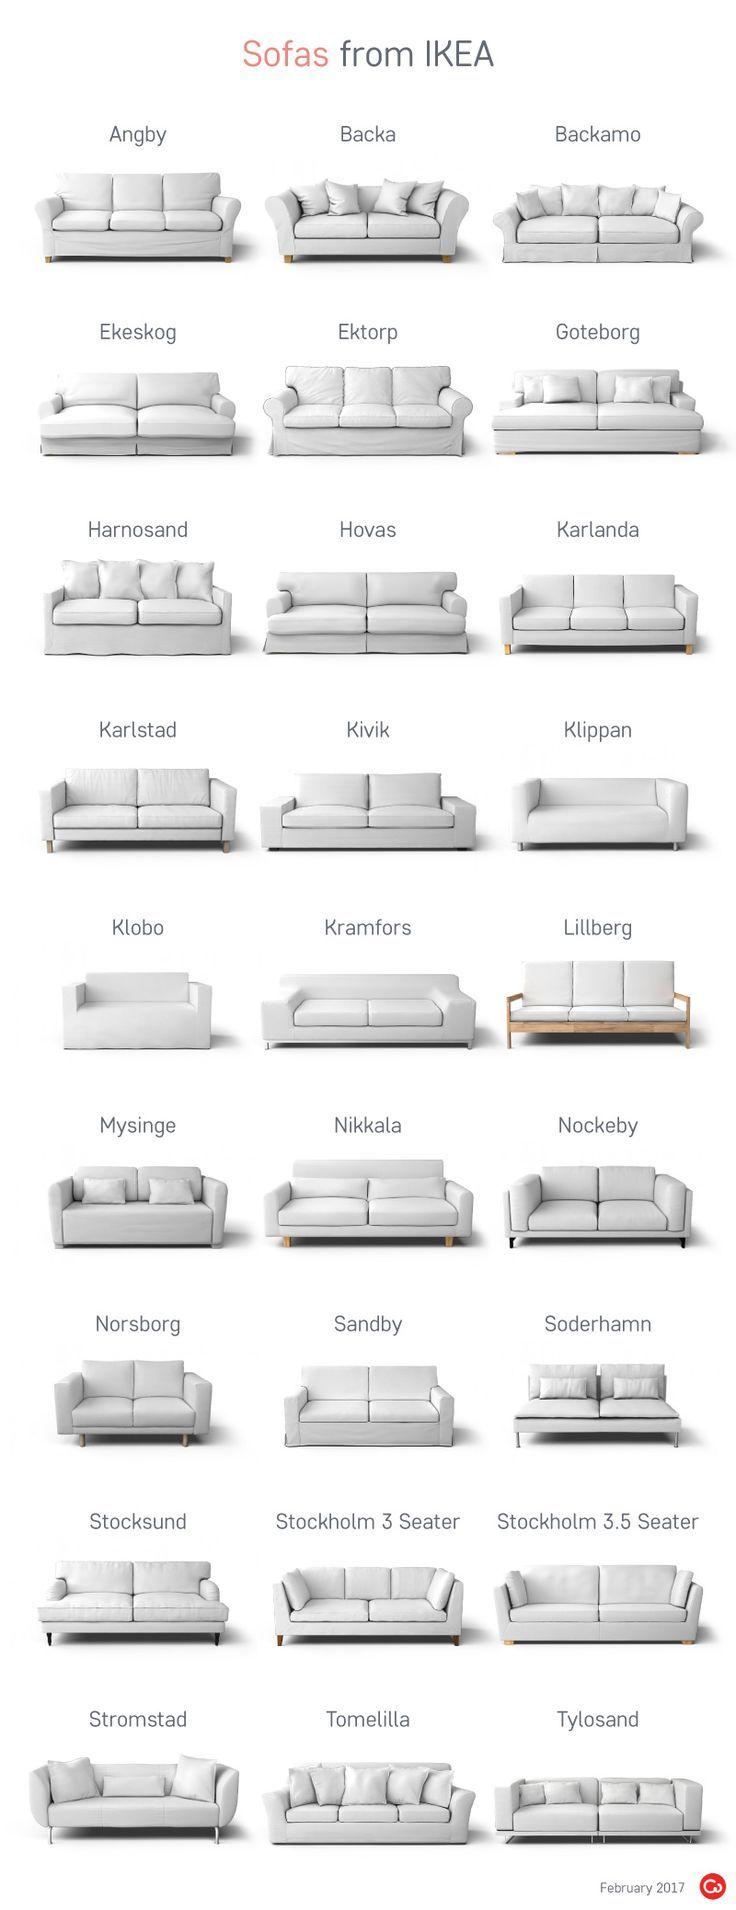 Ersatz Sofabezuge Von Ikea Fur Abgekundigte Ikea Couch Modelle